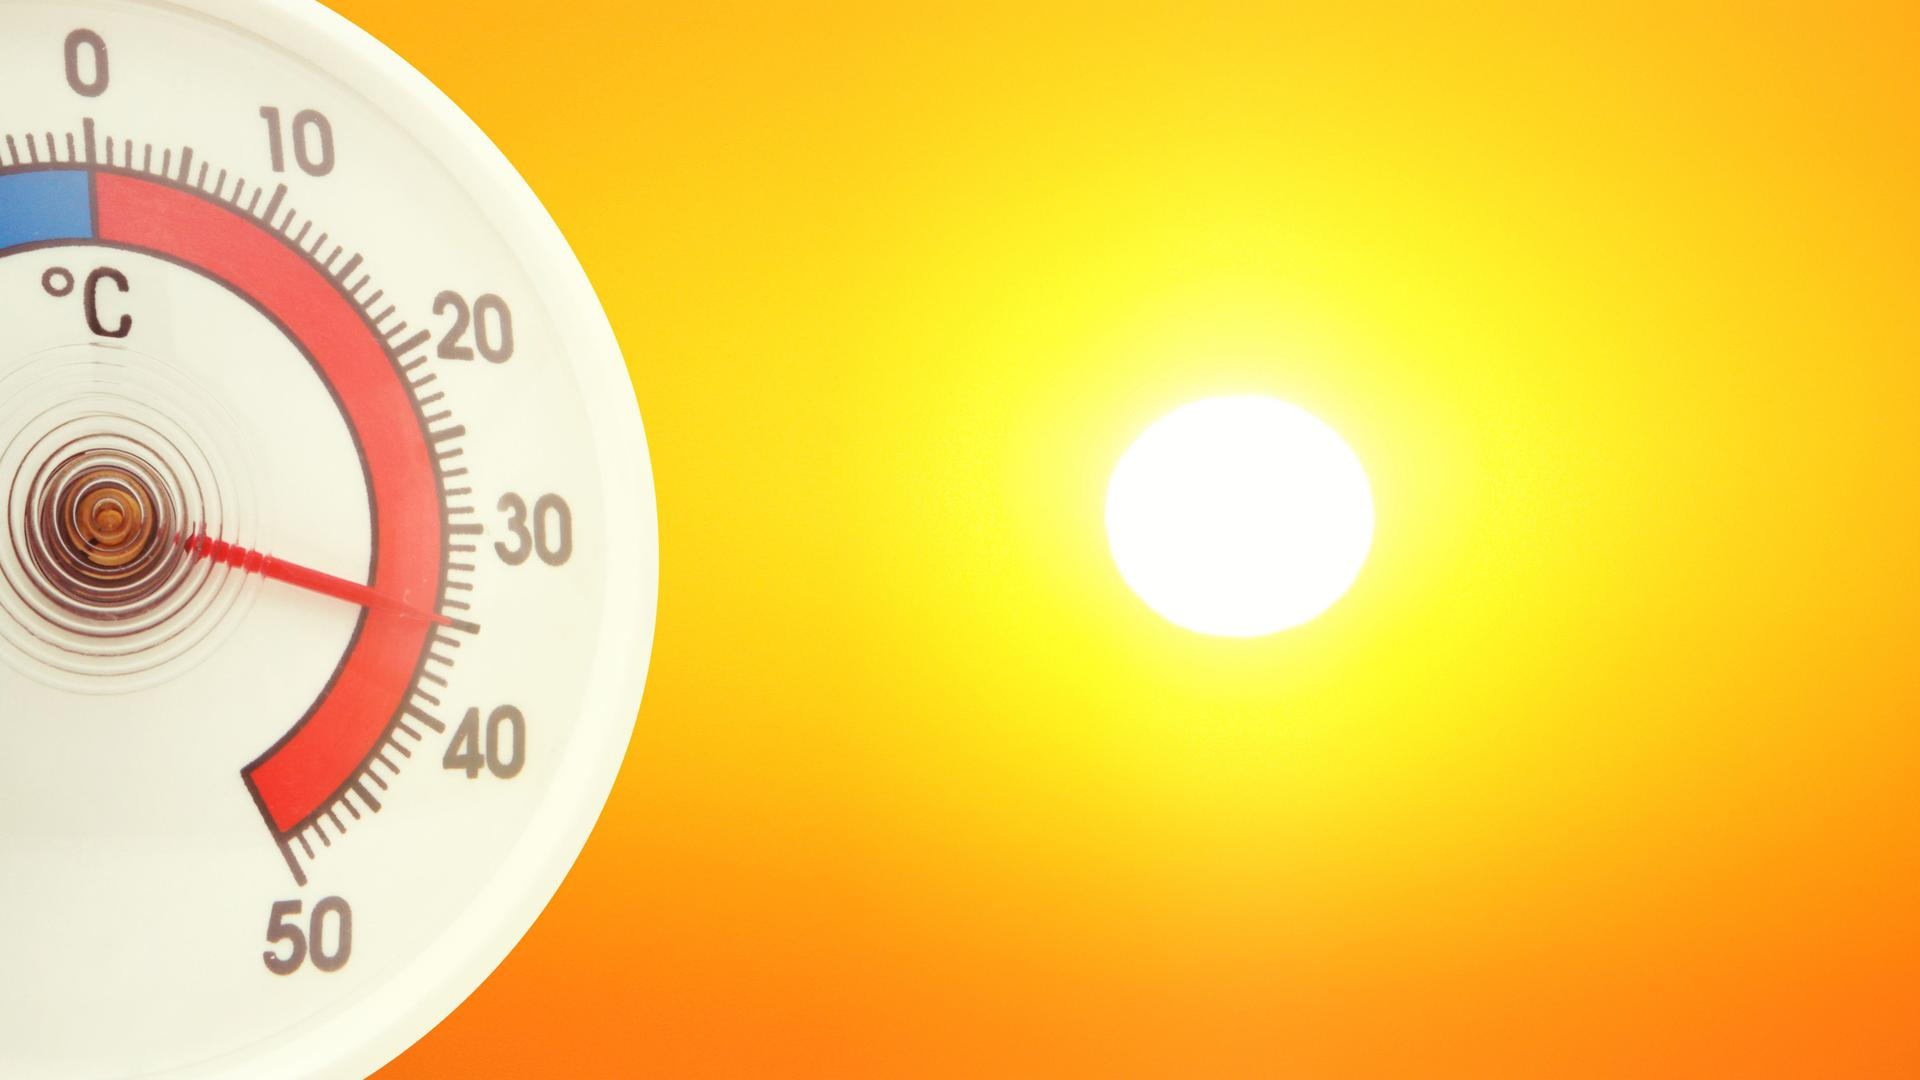 Die Region im Hitzestress: Bis 2050 wird die Zahl der Tage, an denen das Thermometer auf über 30 Grad klettert, deutlich zunehmen. Das Jahr 2003 wäre dann kein Ausnahmefall, sondern normal. In Karlsruhe könnte das Leben ziemlich ungemütlich werden.